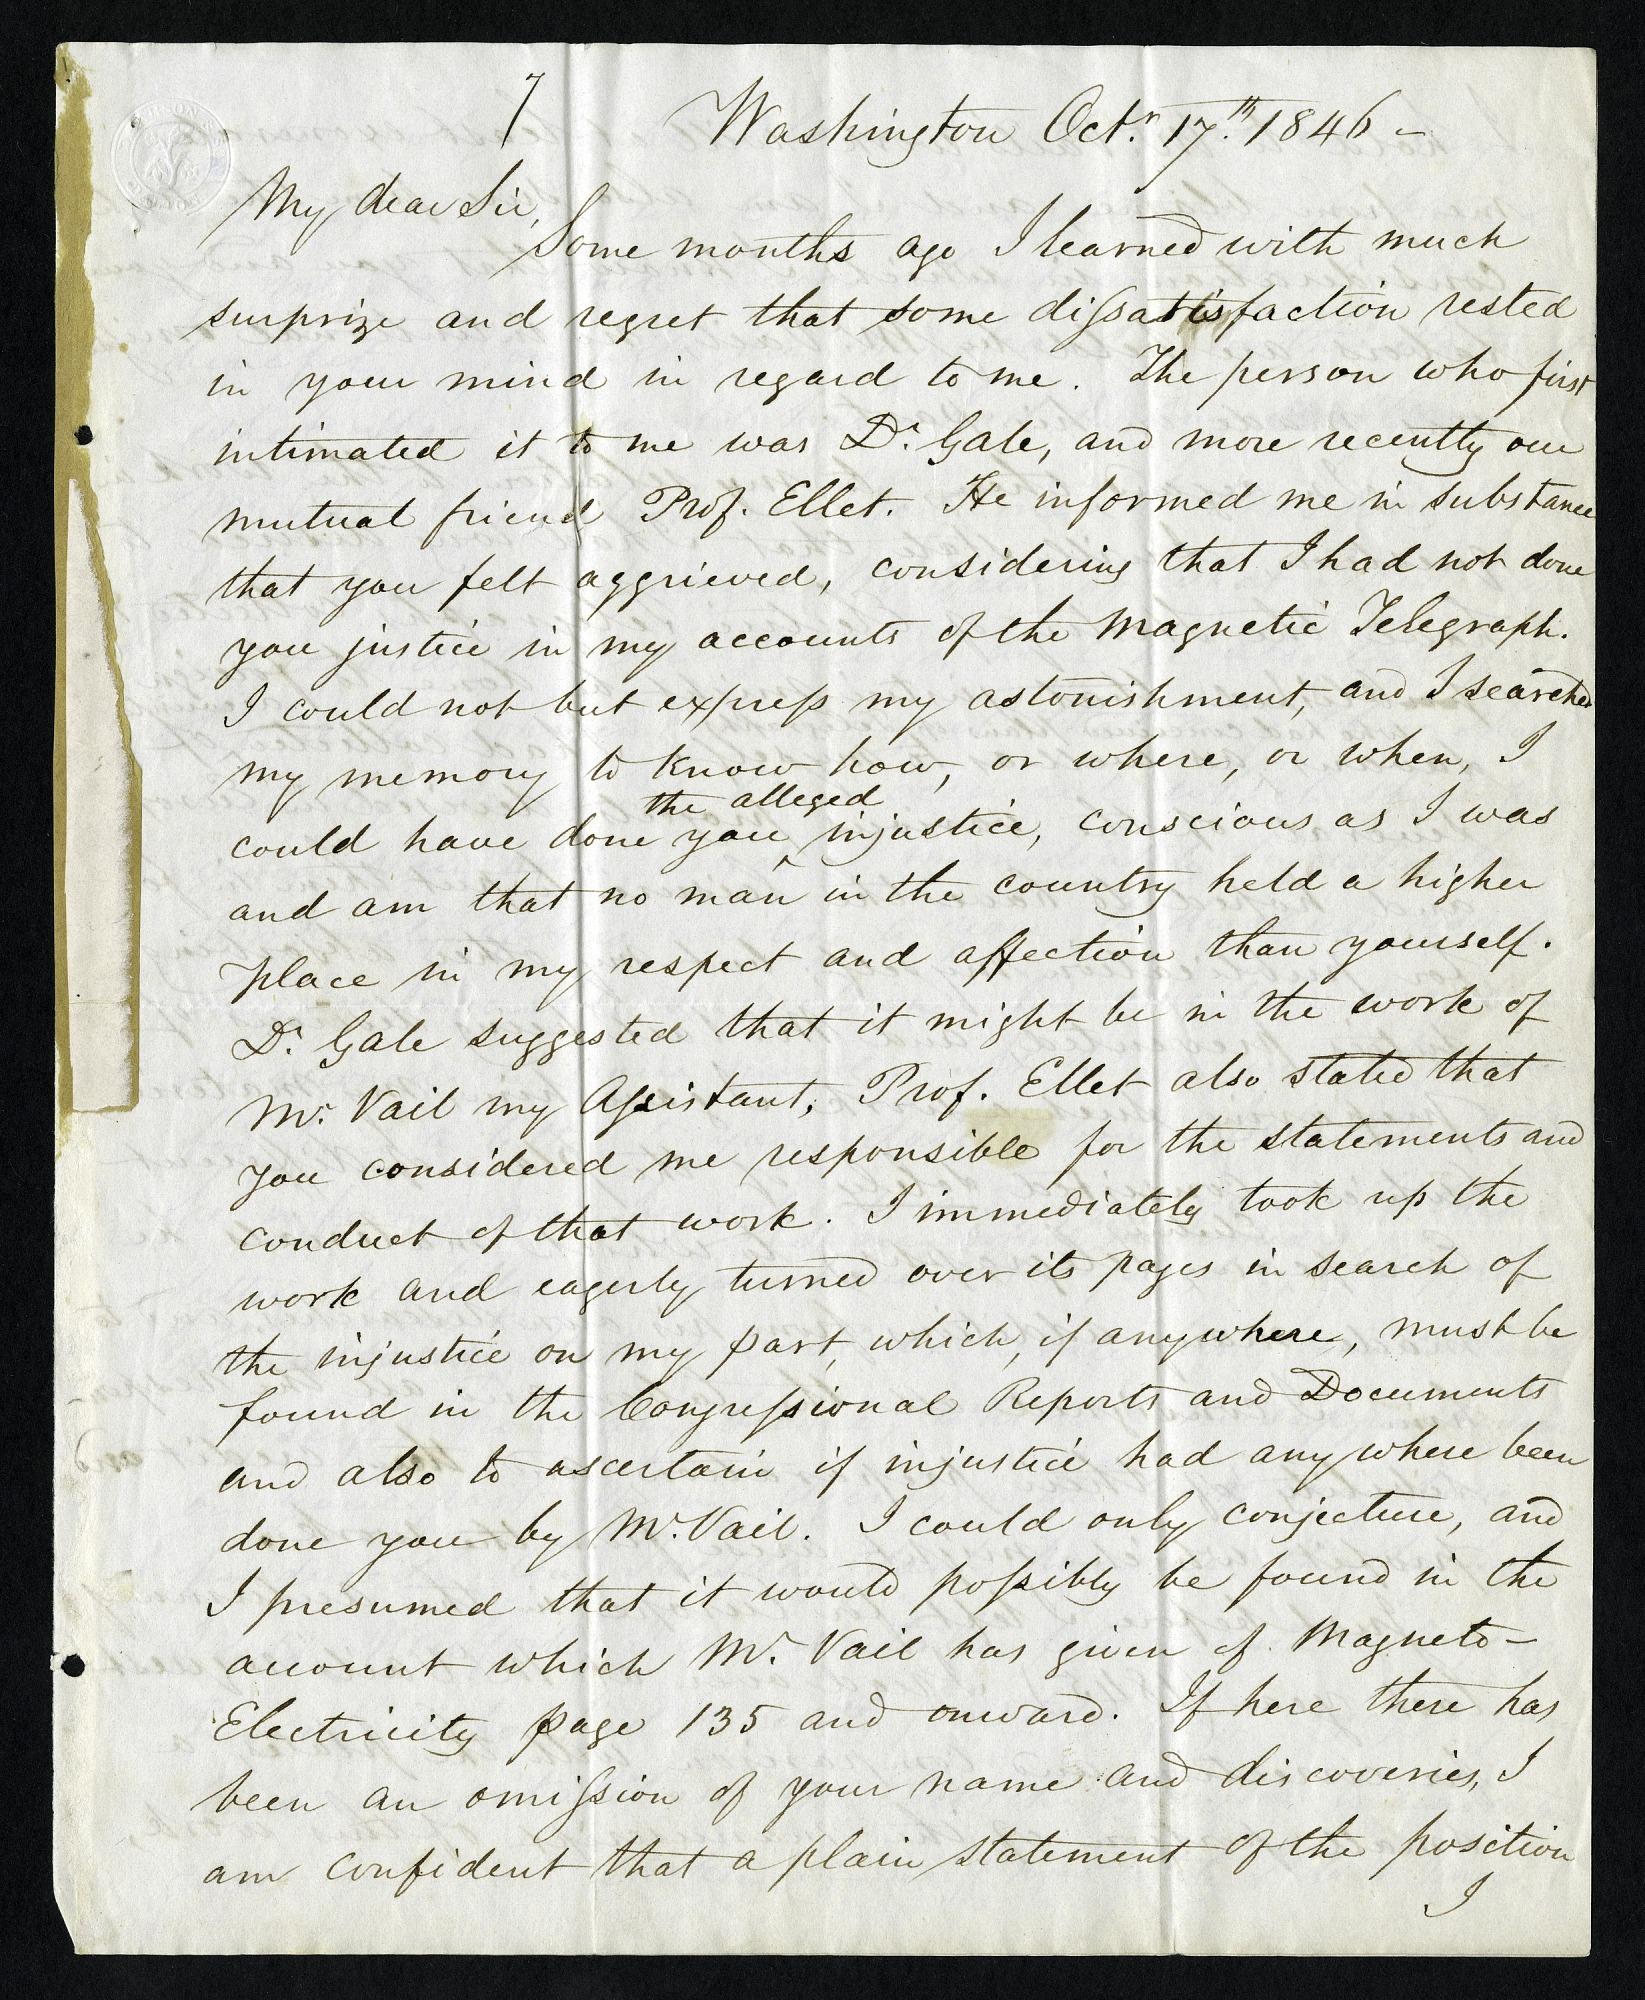 Samuel F. B. Morse's Letter to Joseph Henry (October 17, 1846)